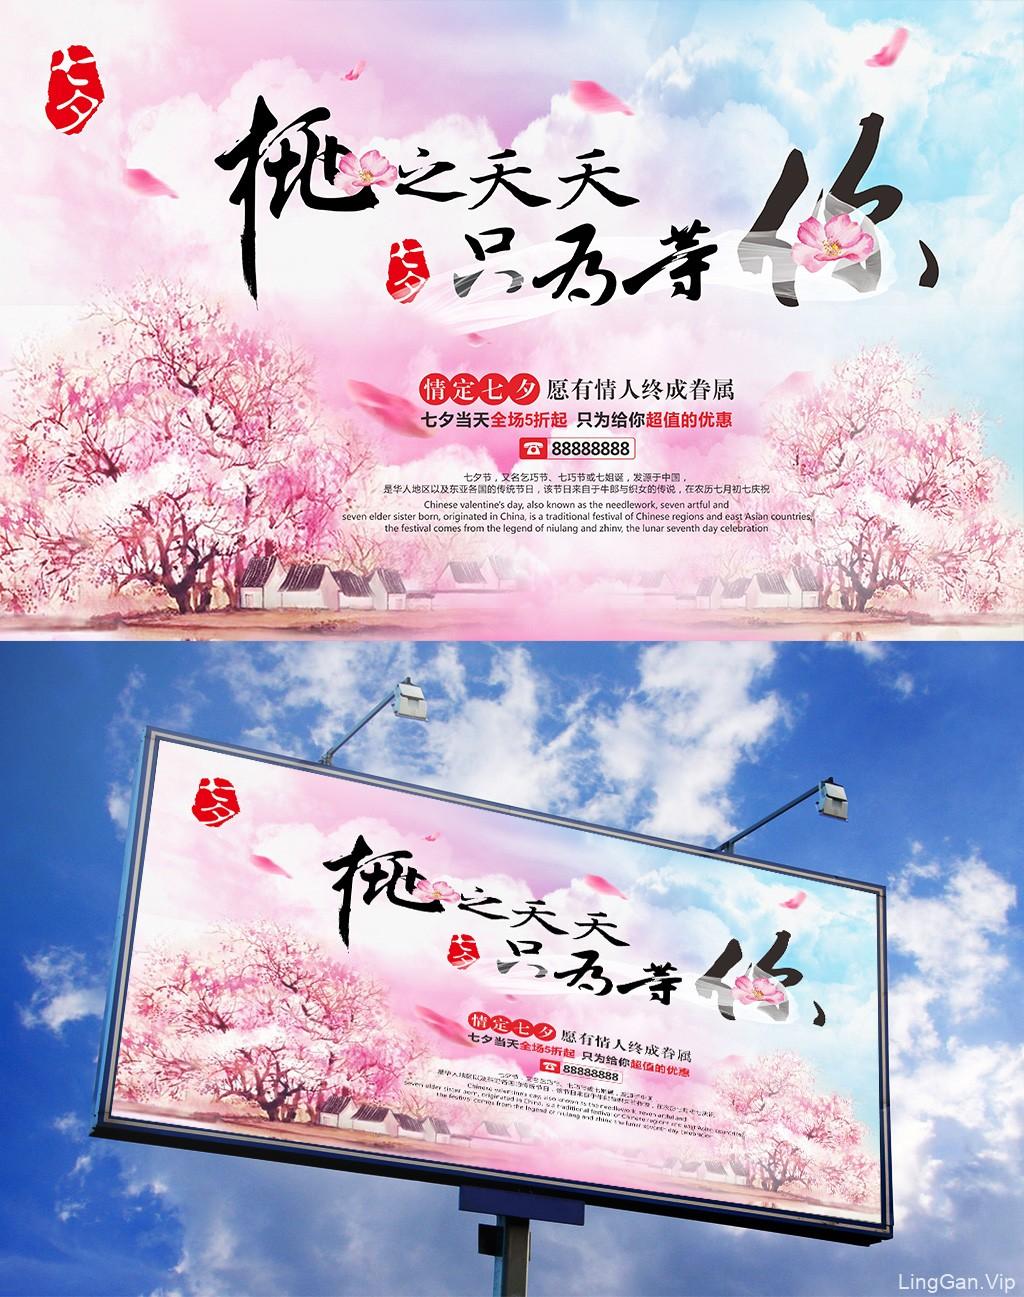 2017年七夕情人节促销活动海报设计-桃之夭夭,只为找你